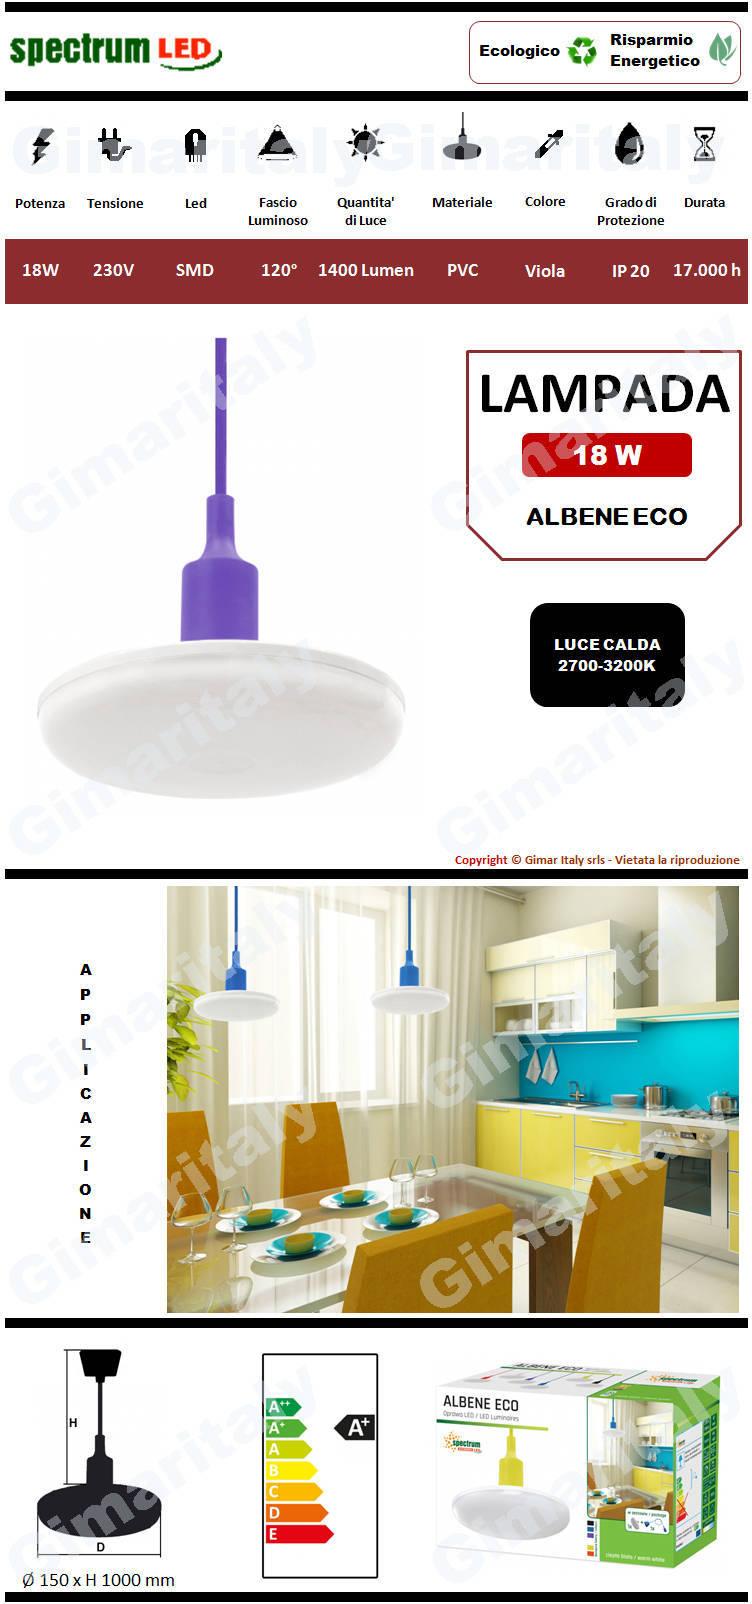 Lampadario Sospensione Led 18W Viola luce calda Spectrum